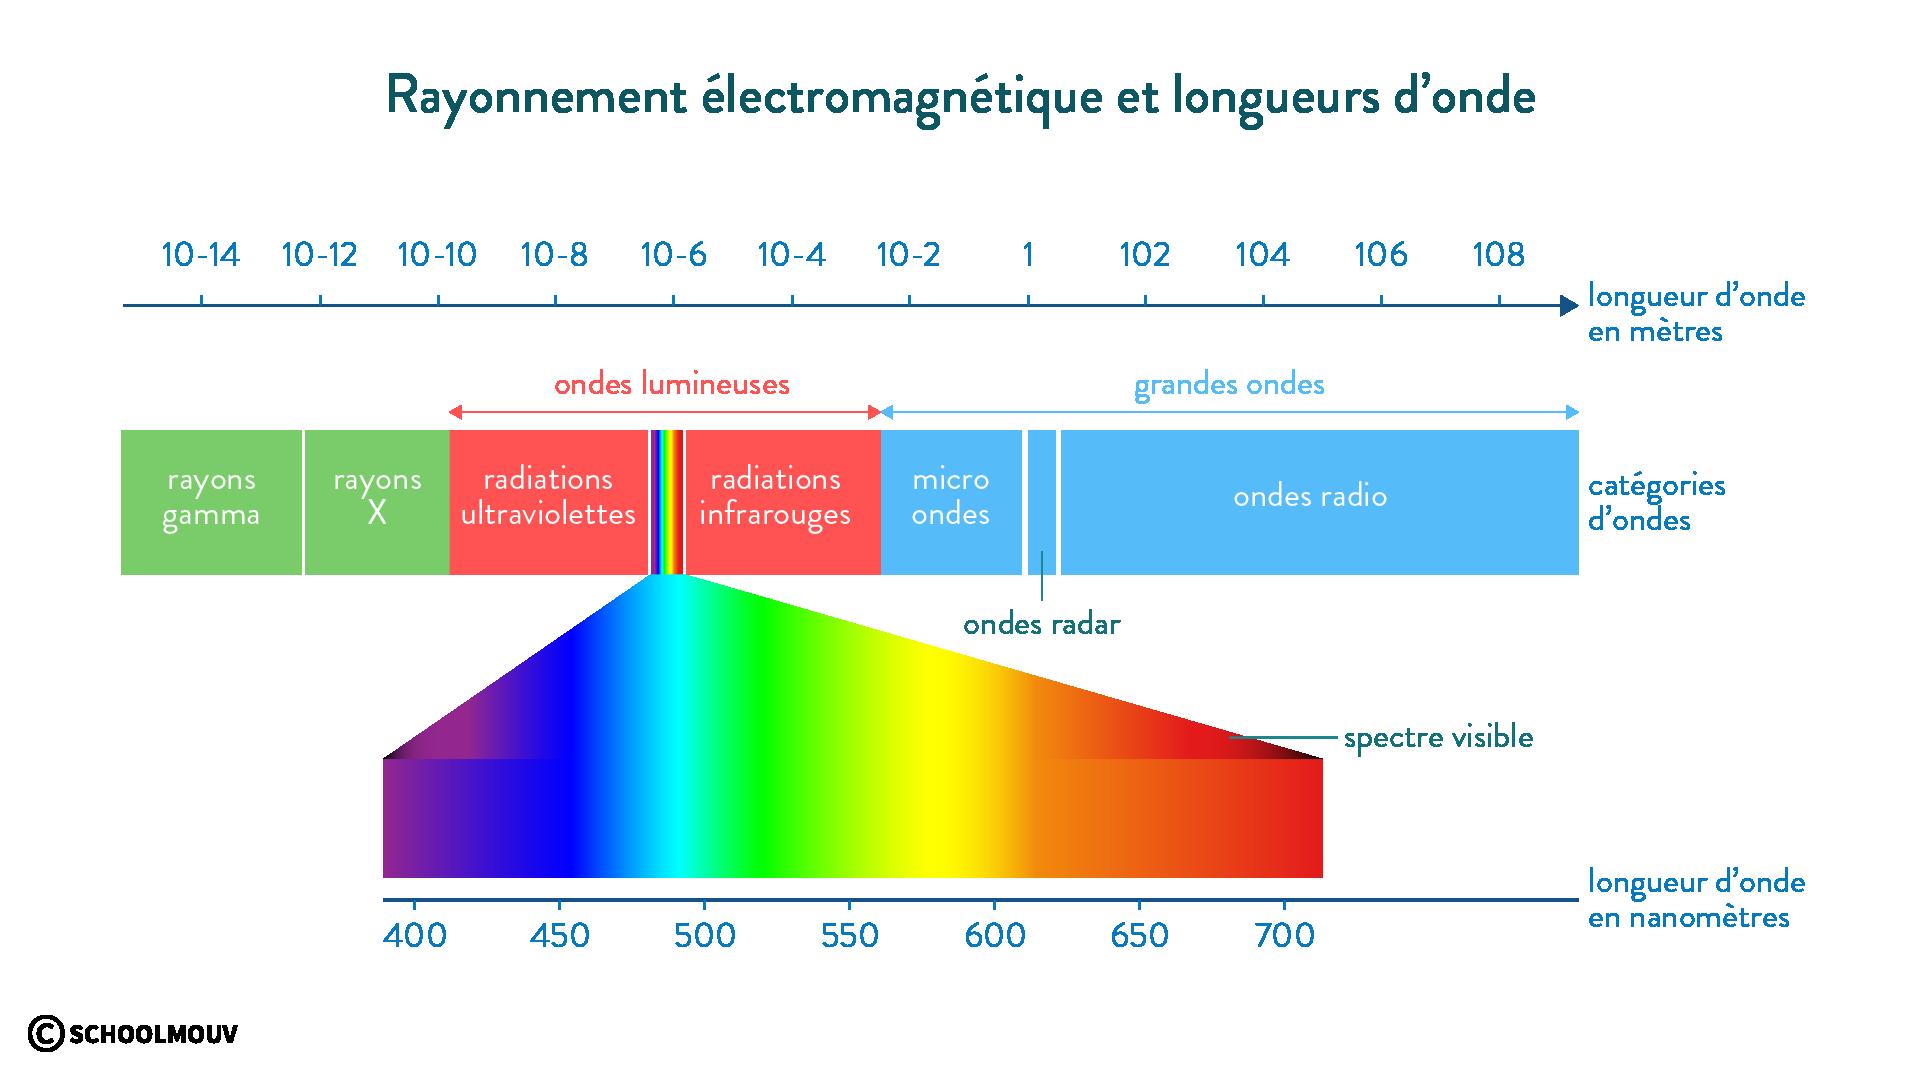 rayonnement électromagnétique longueur onde